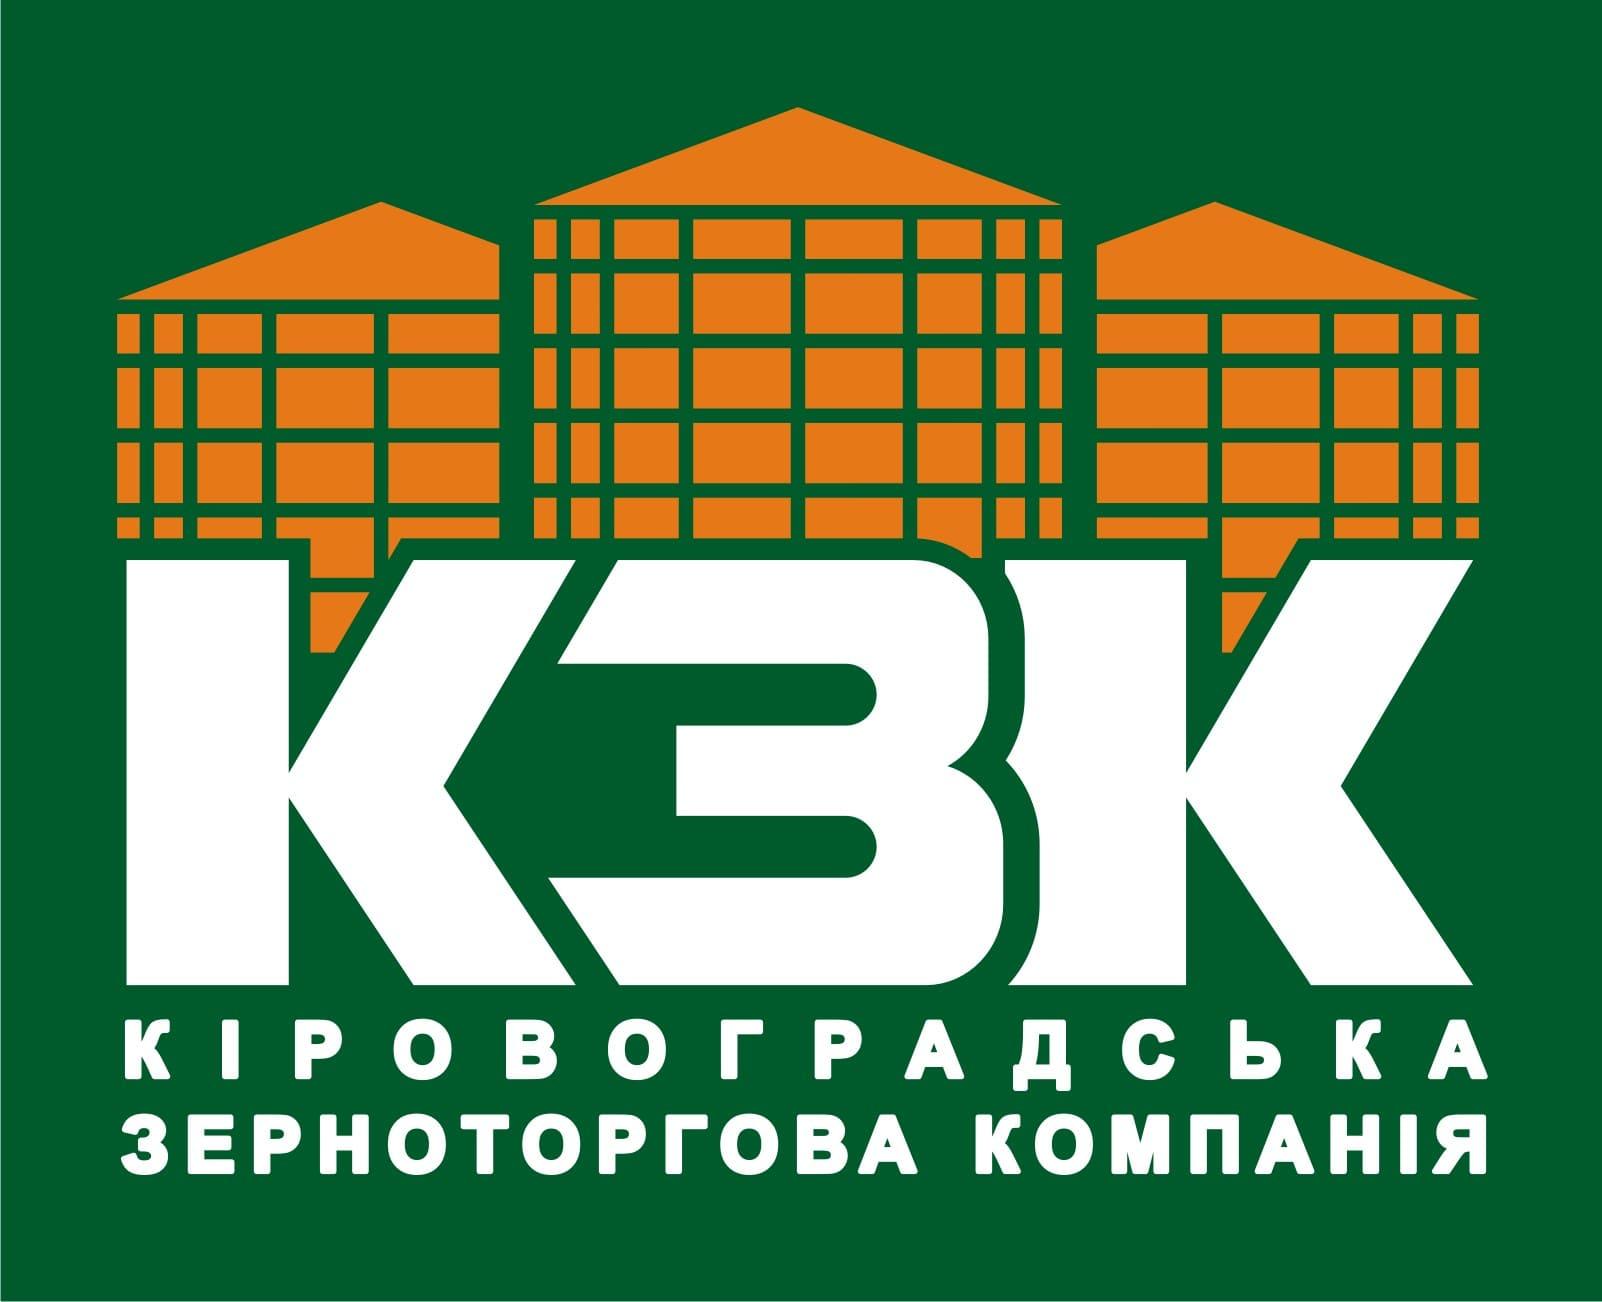 Кіровоградська зерноторгова компанія ТОВ